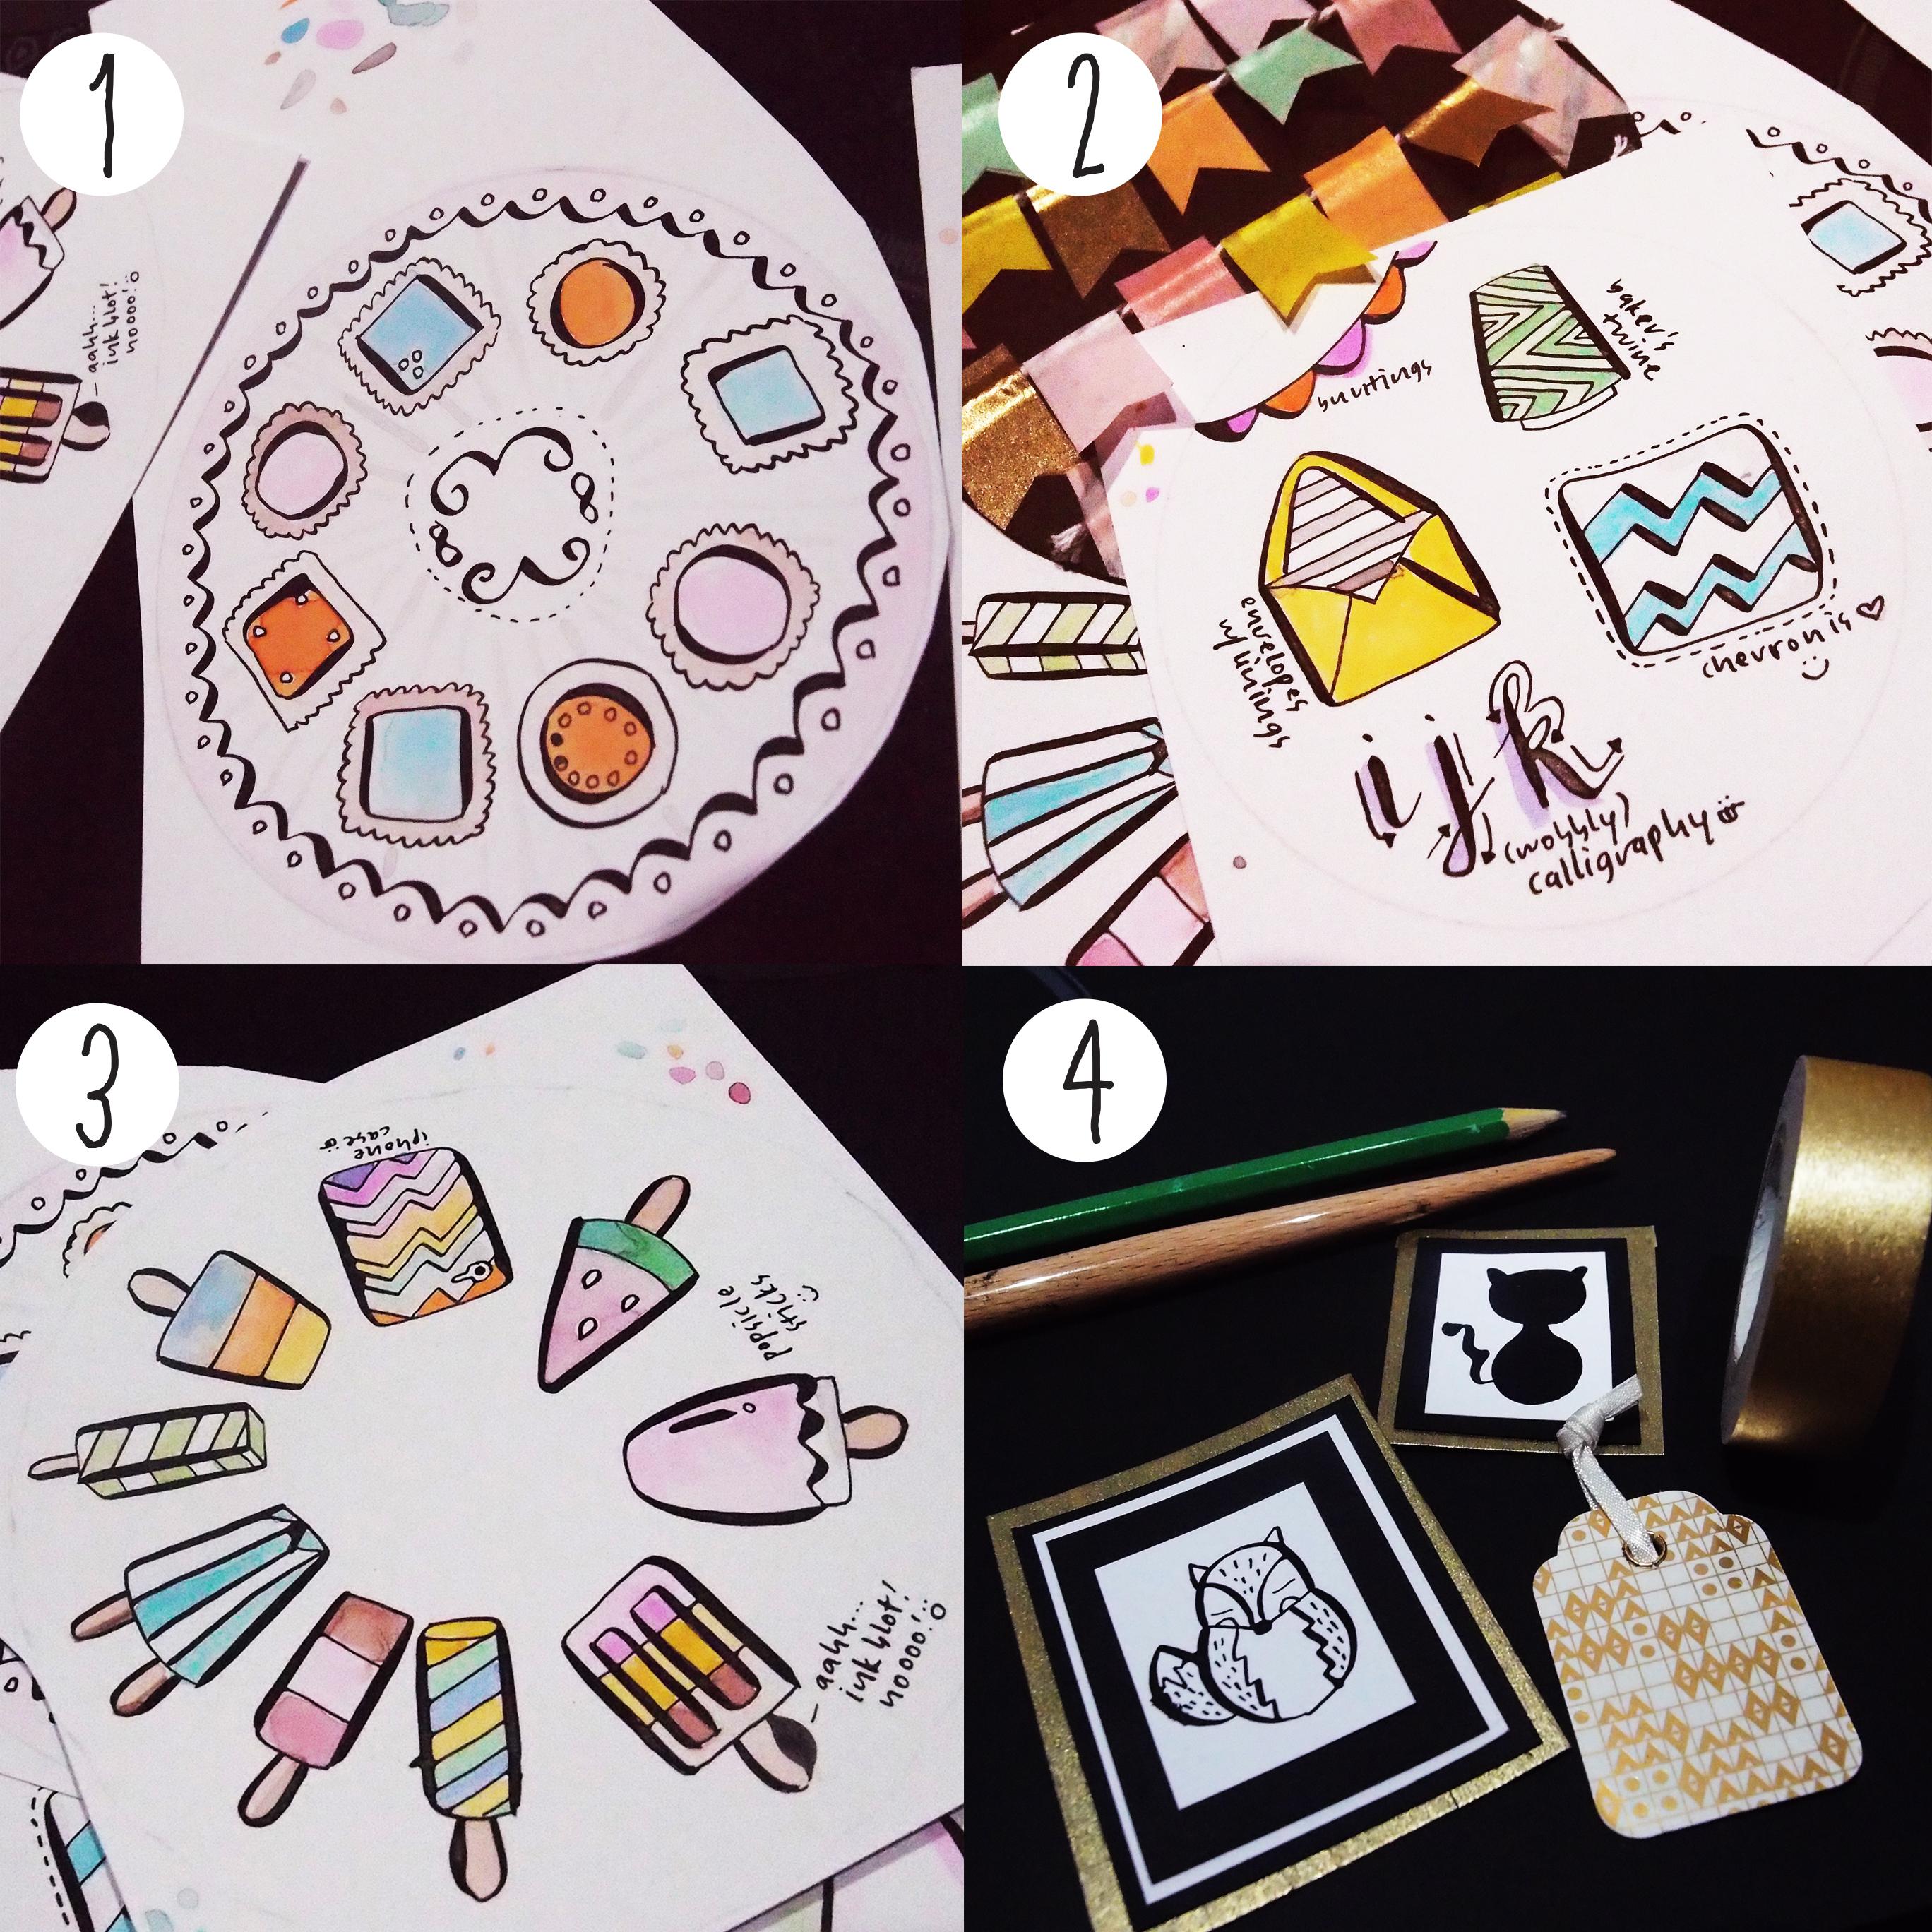 Inky Watercolor Doodles: This Week on Instagram